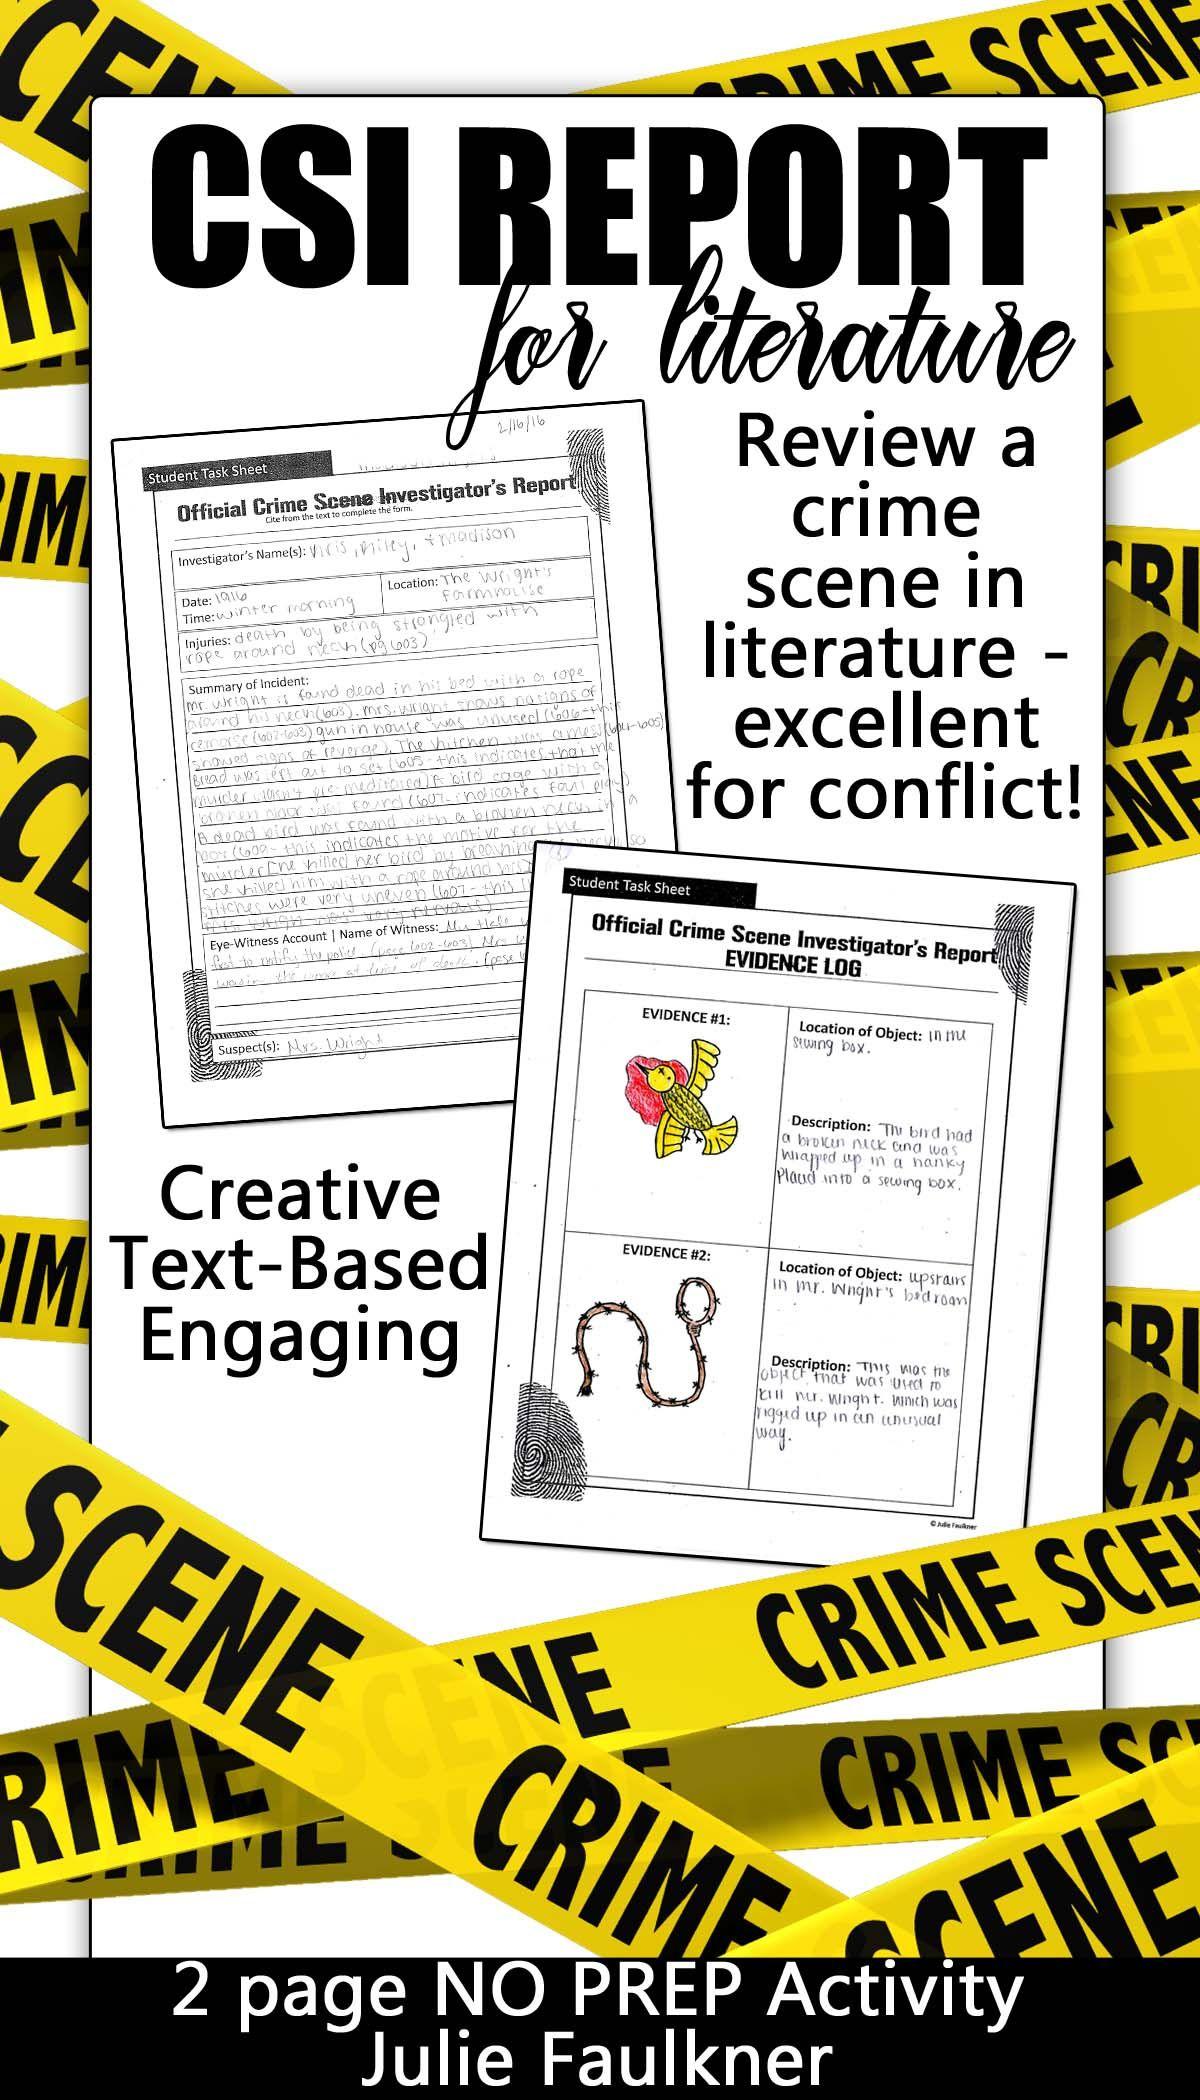 creative activity for literature conflict csi crime scene police report - Description Of A Crime Scene Investigator